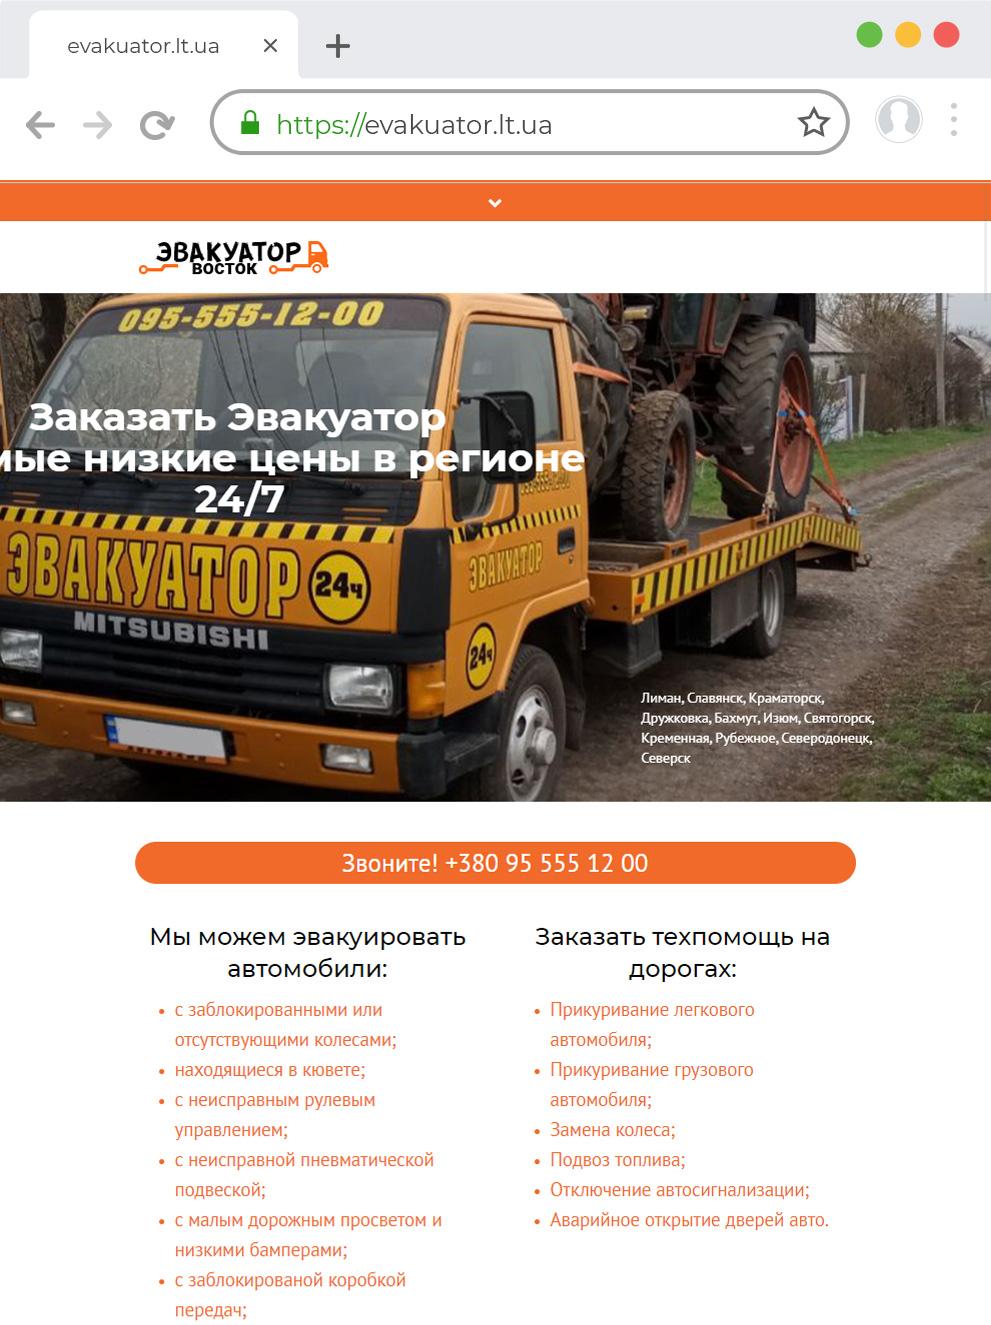 Разработка одностраничного сайта эвакуатор круглосуточно